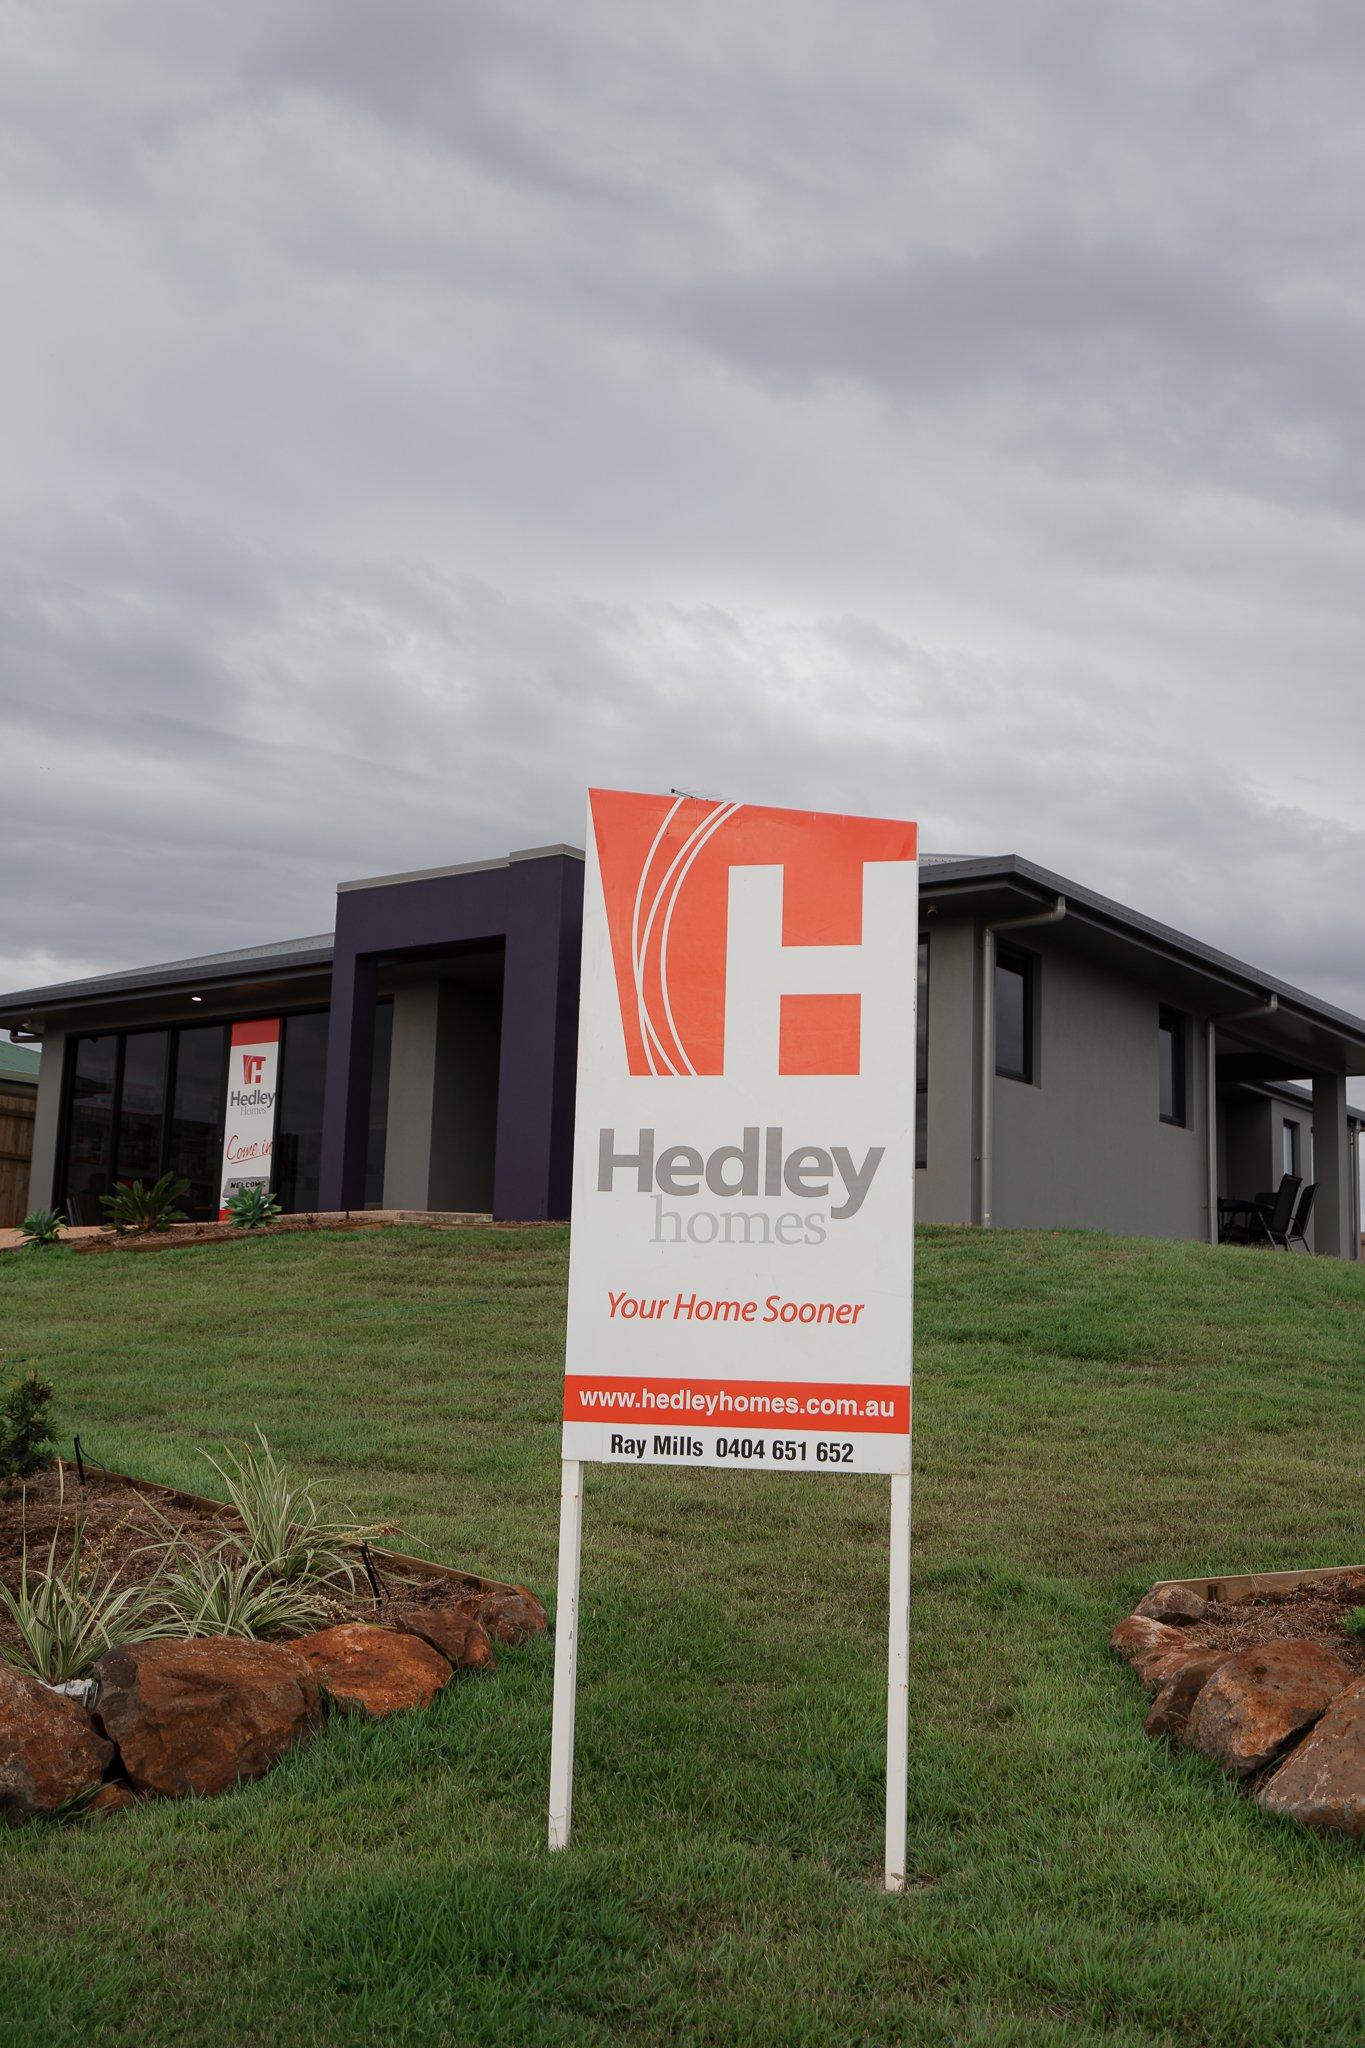 Hedley Homes